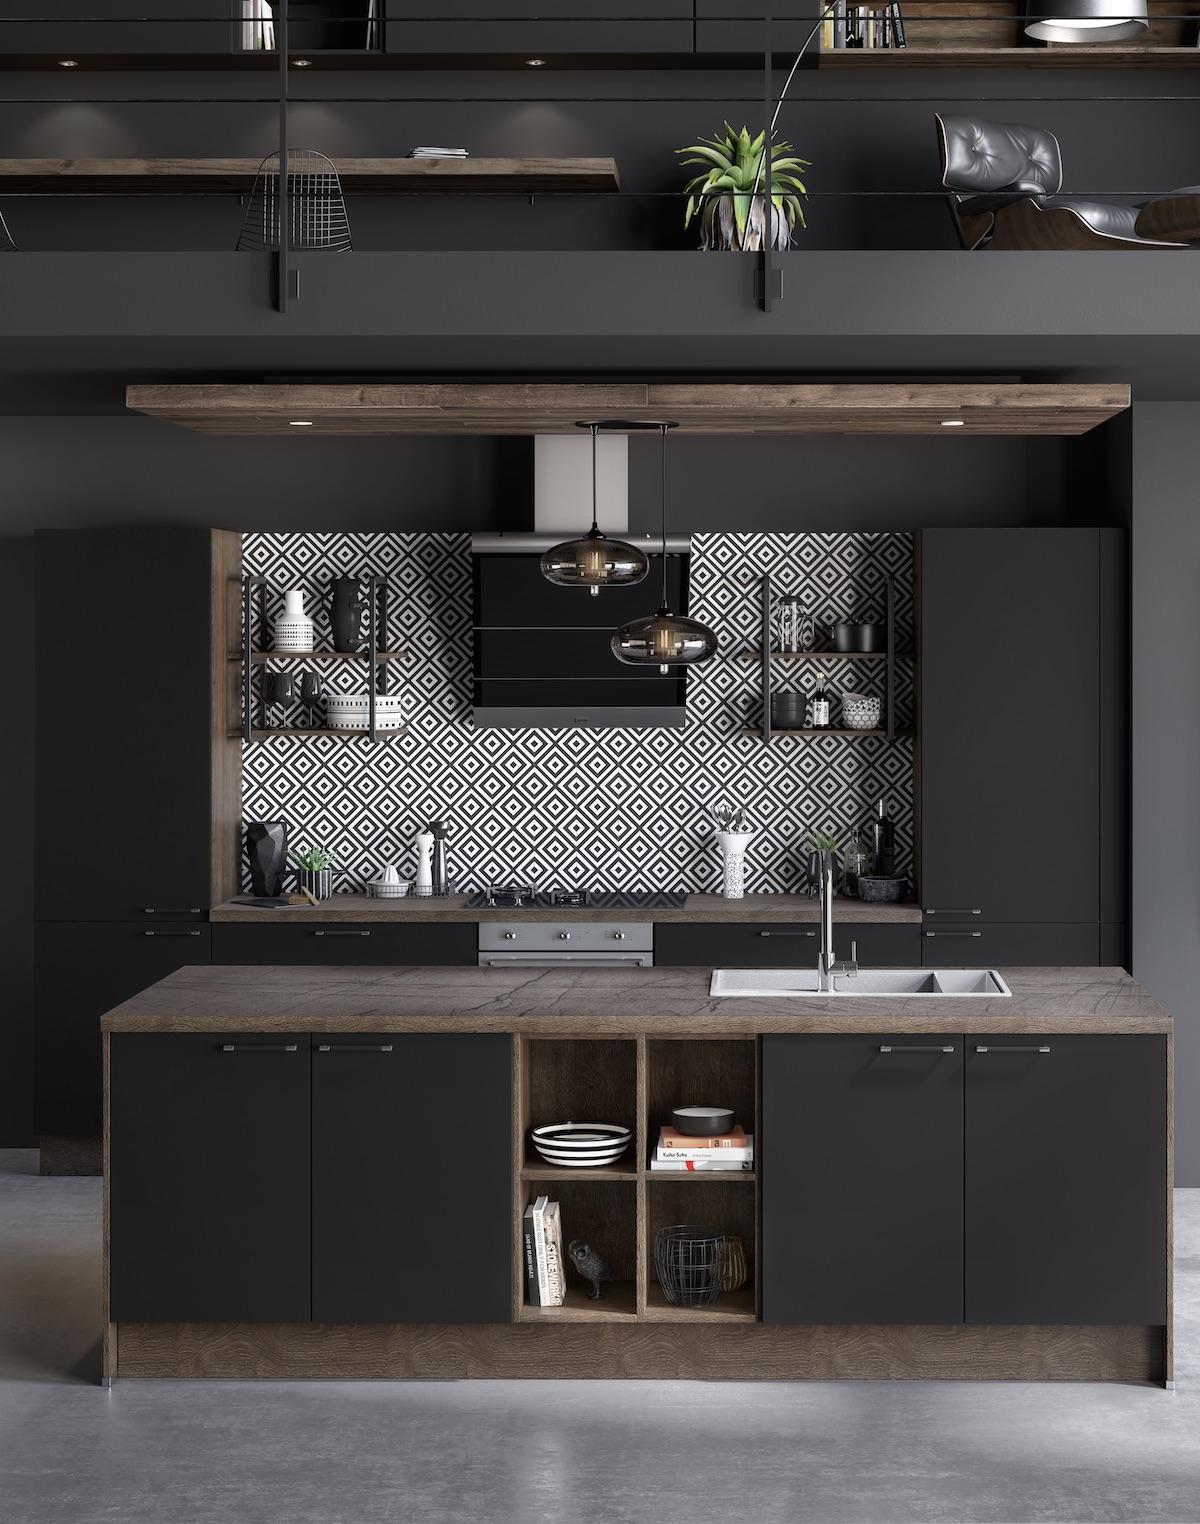 cuisine noire mat bois - blog déco loft - clem around the corner